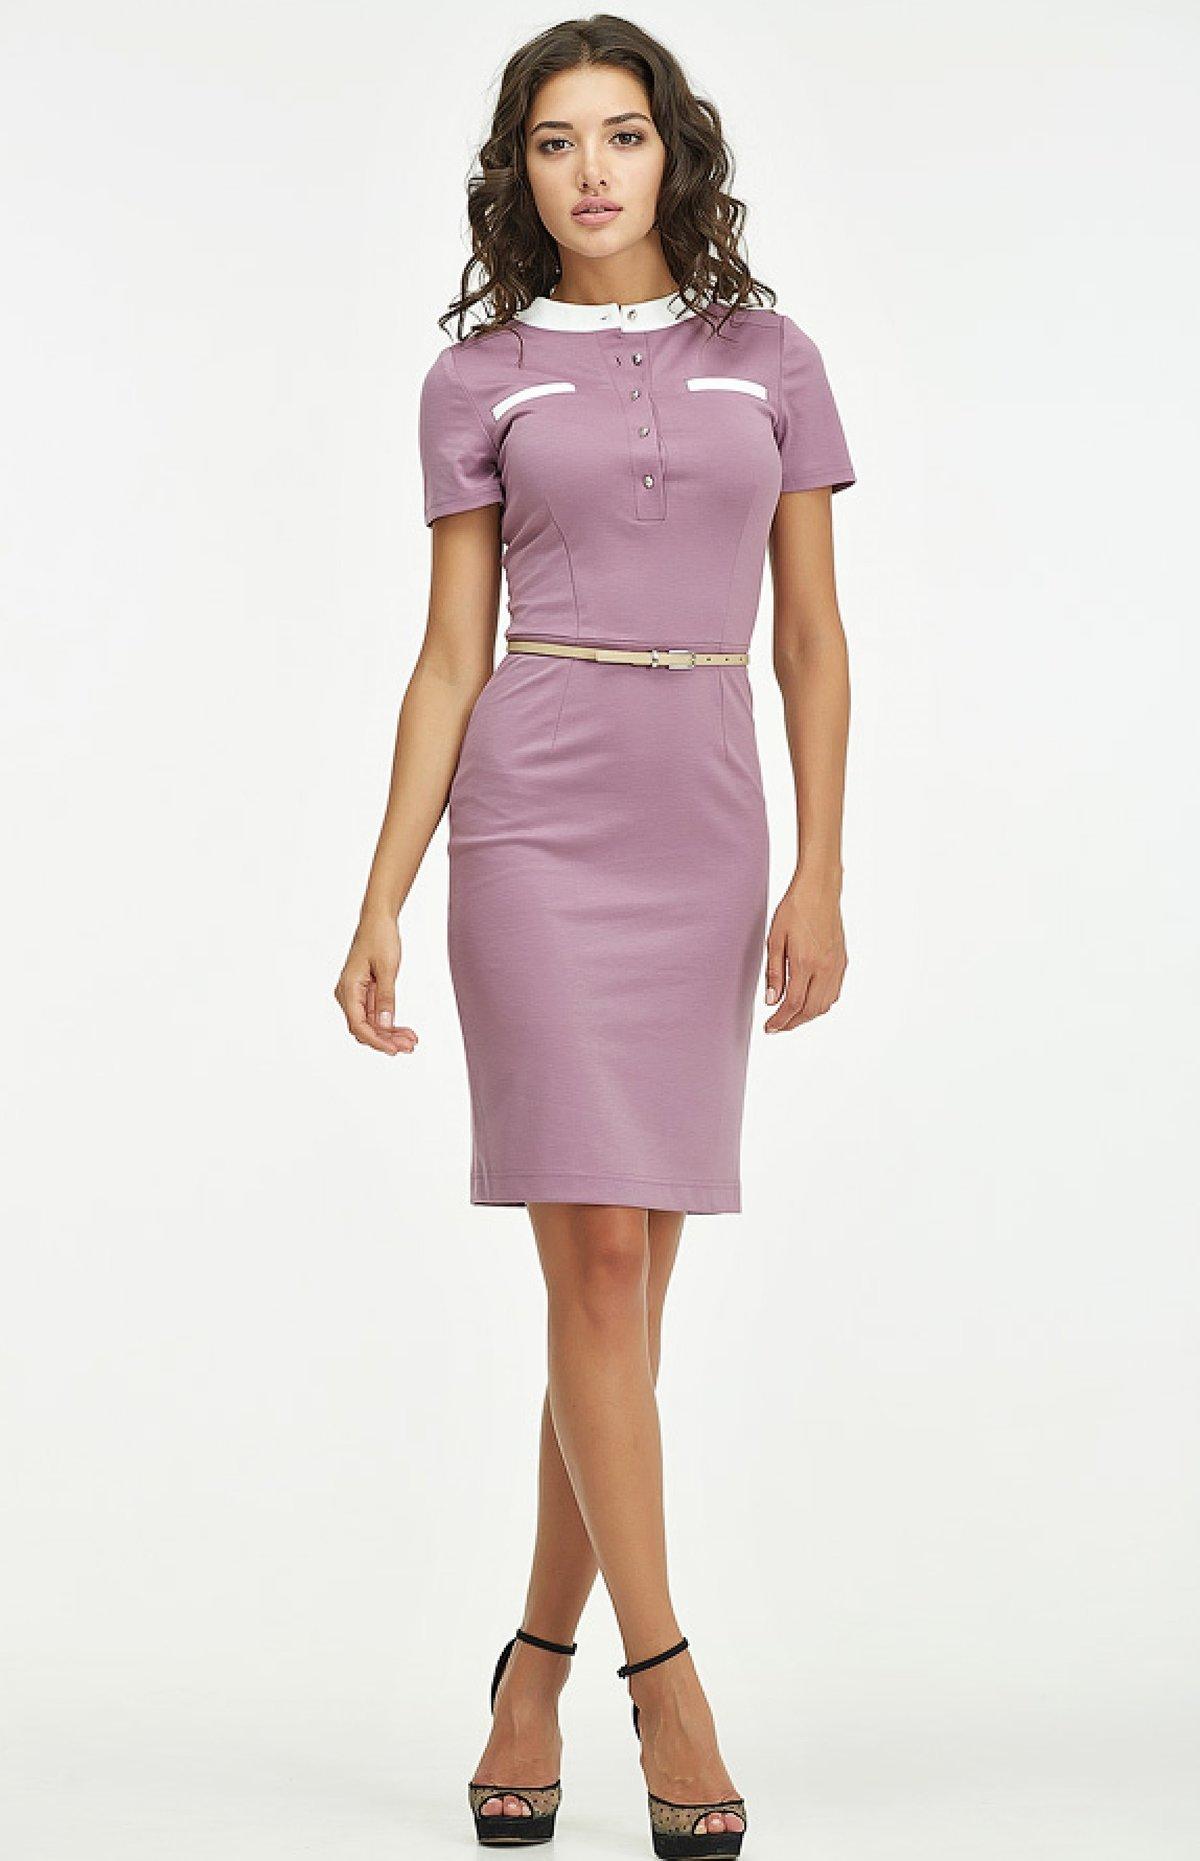 b097991c0f0 Офисное платье-футляр  классика деловой моды